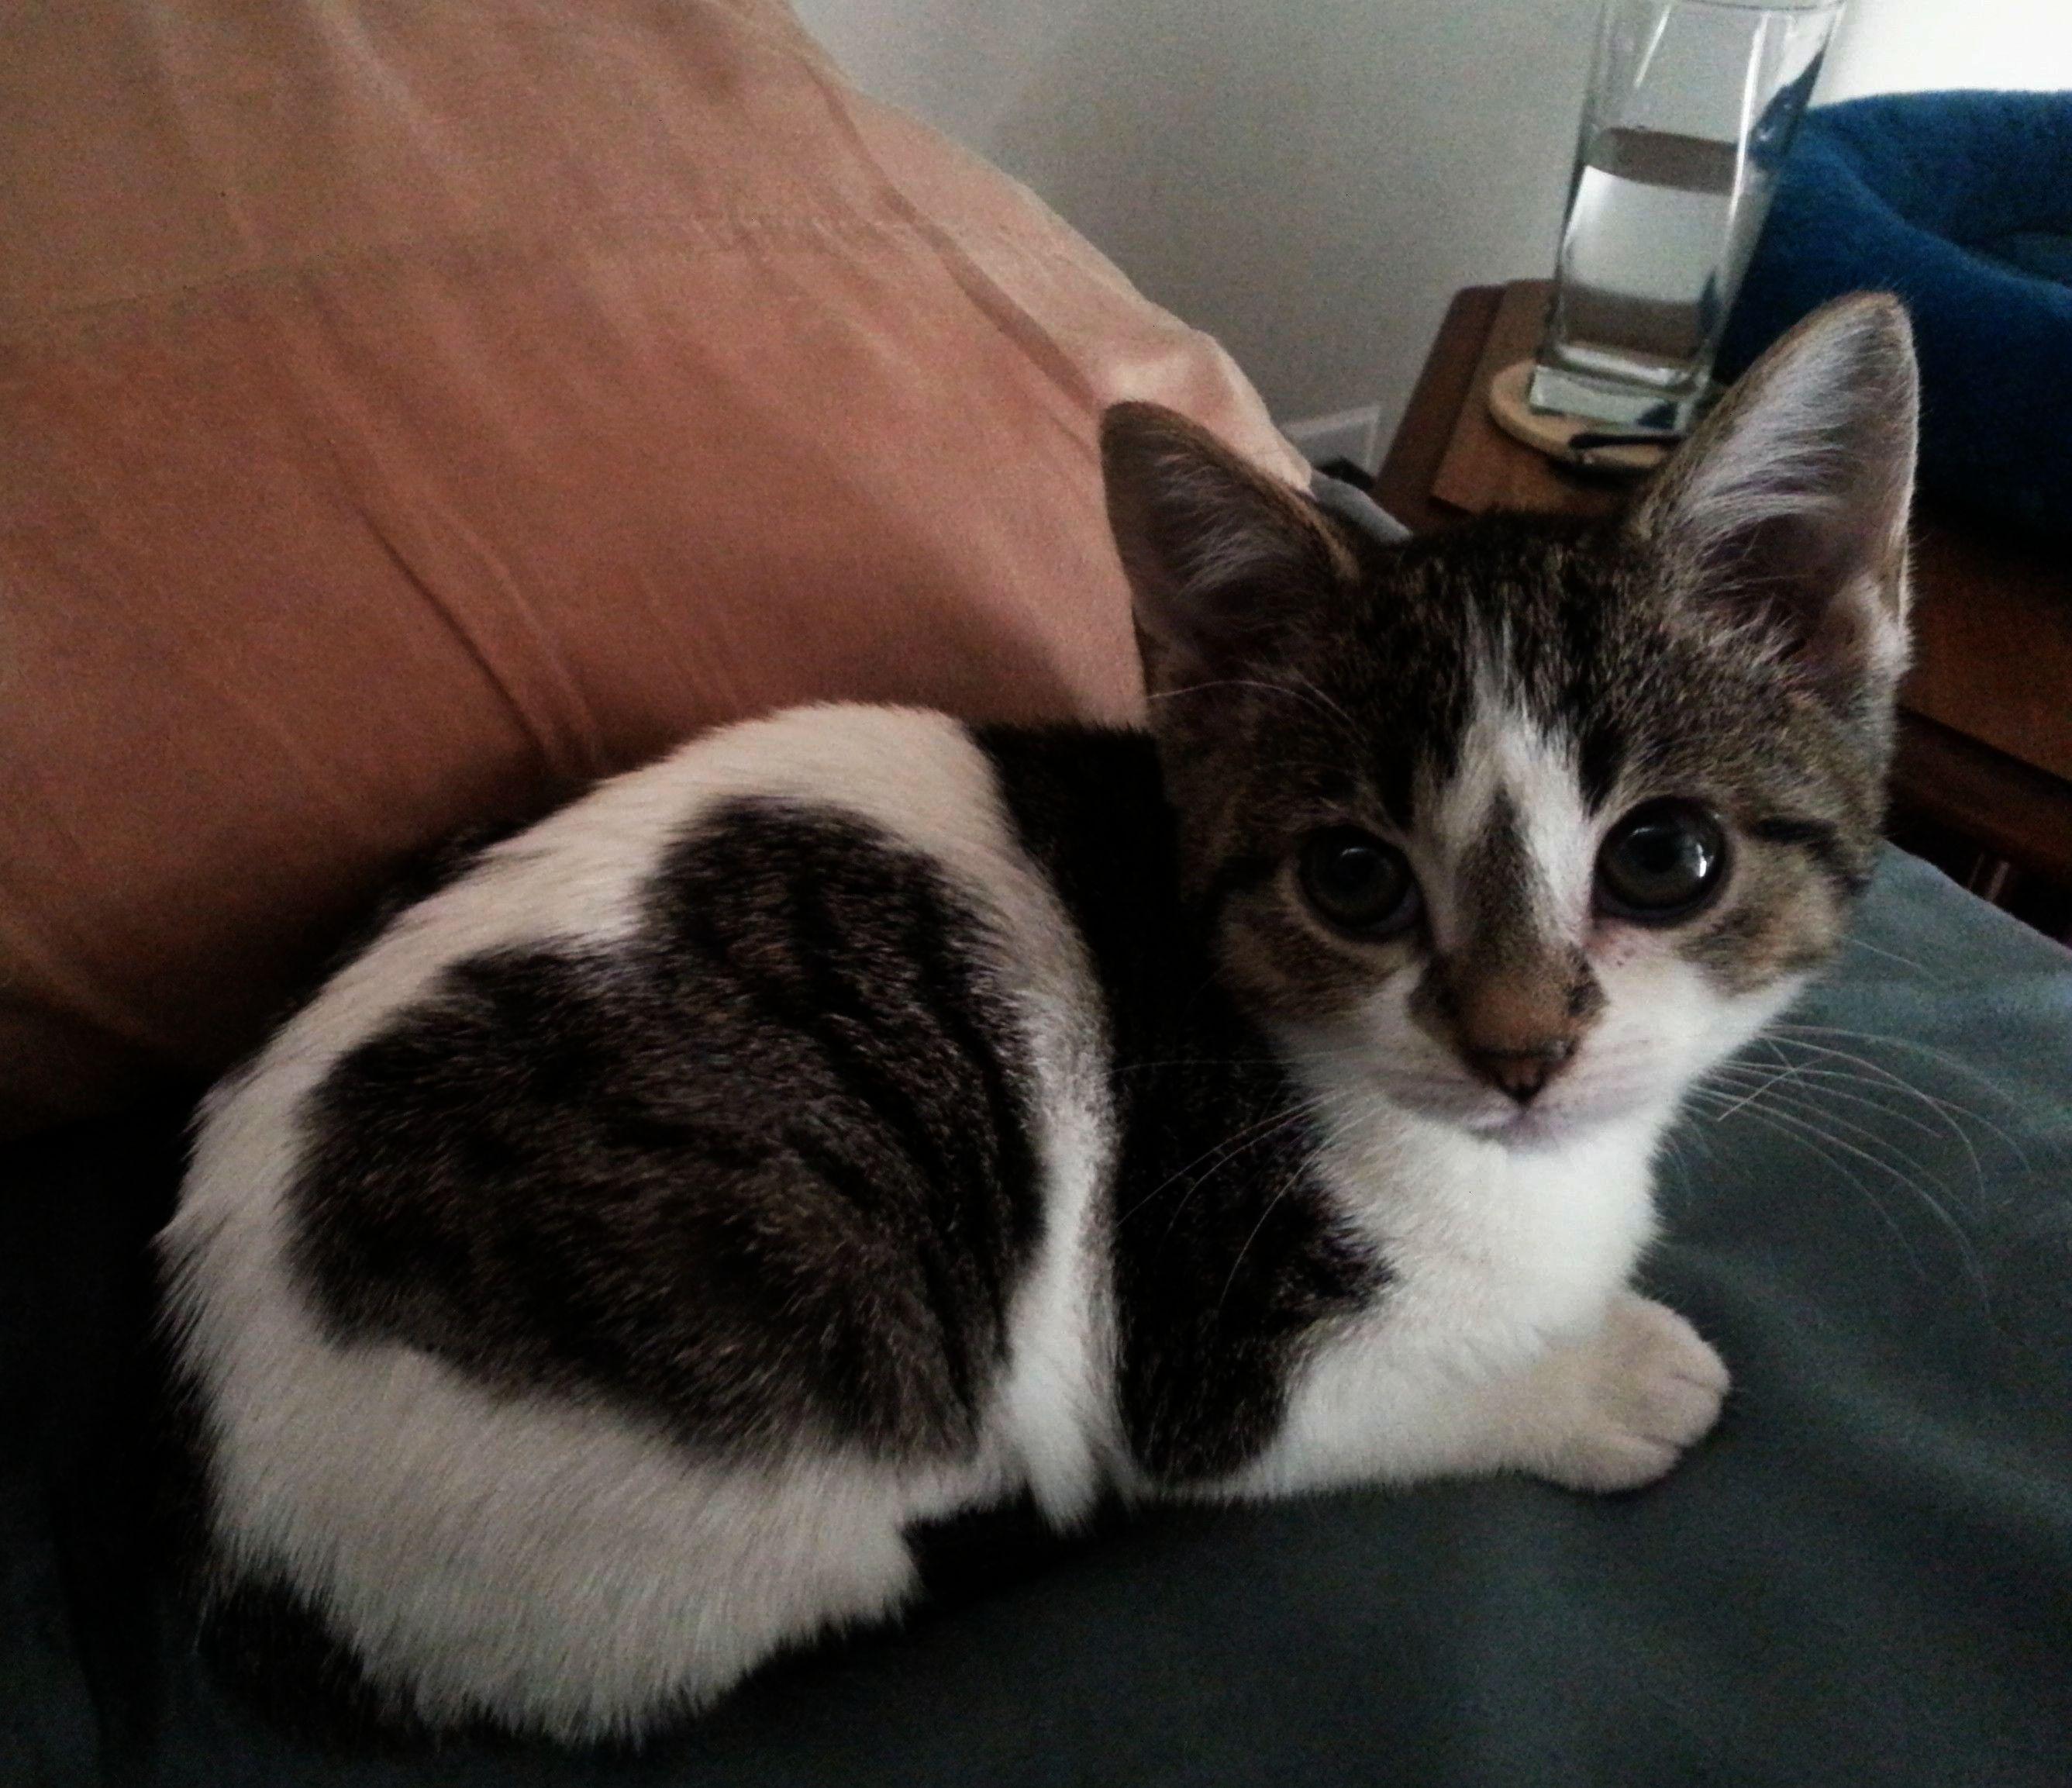 Adorable Kitten With A Heart Spot Cute Cats Kittens Cutest Cute Animals